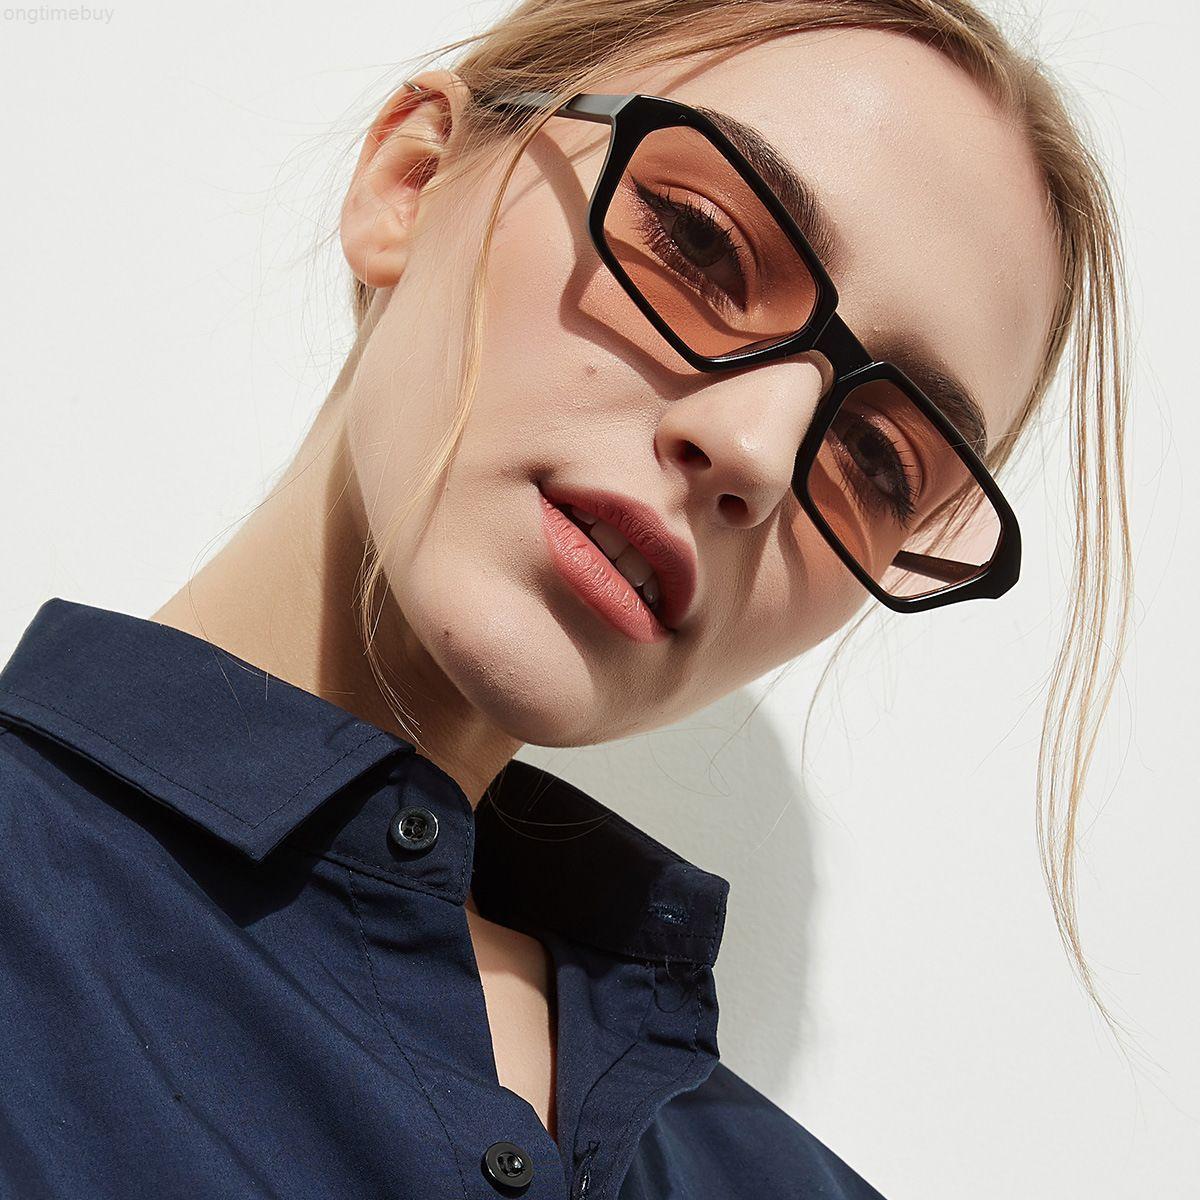 para la marca rectangular gafas de sol diseño sol mujeres vintage gafas damas retro pequeño marco anteojos negro gafas UV400